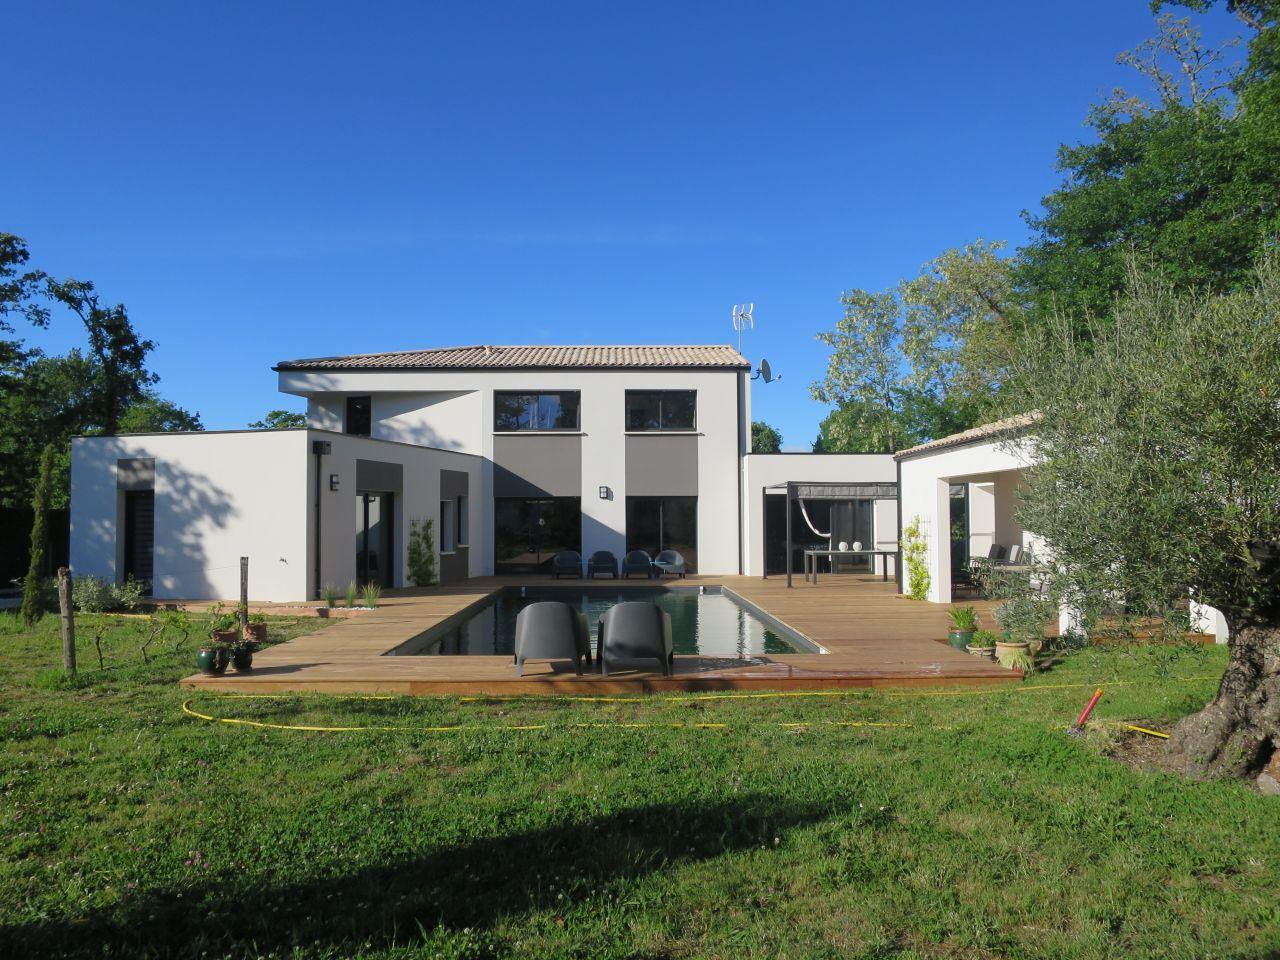 Vue d'ensemble terrasse et maison façade sud